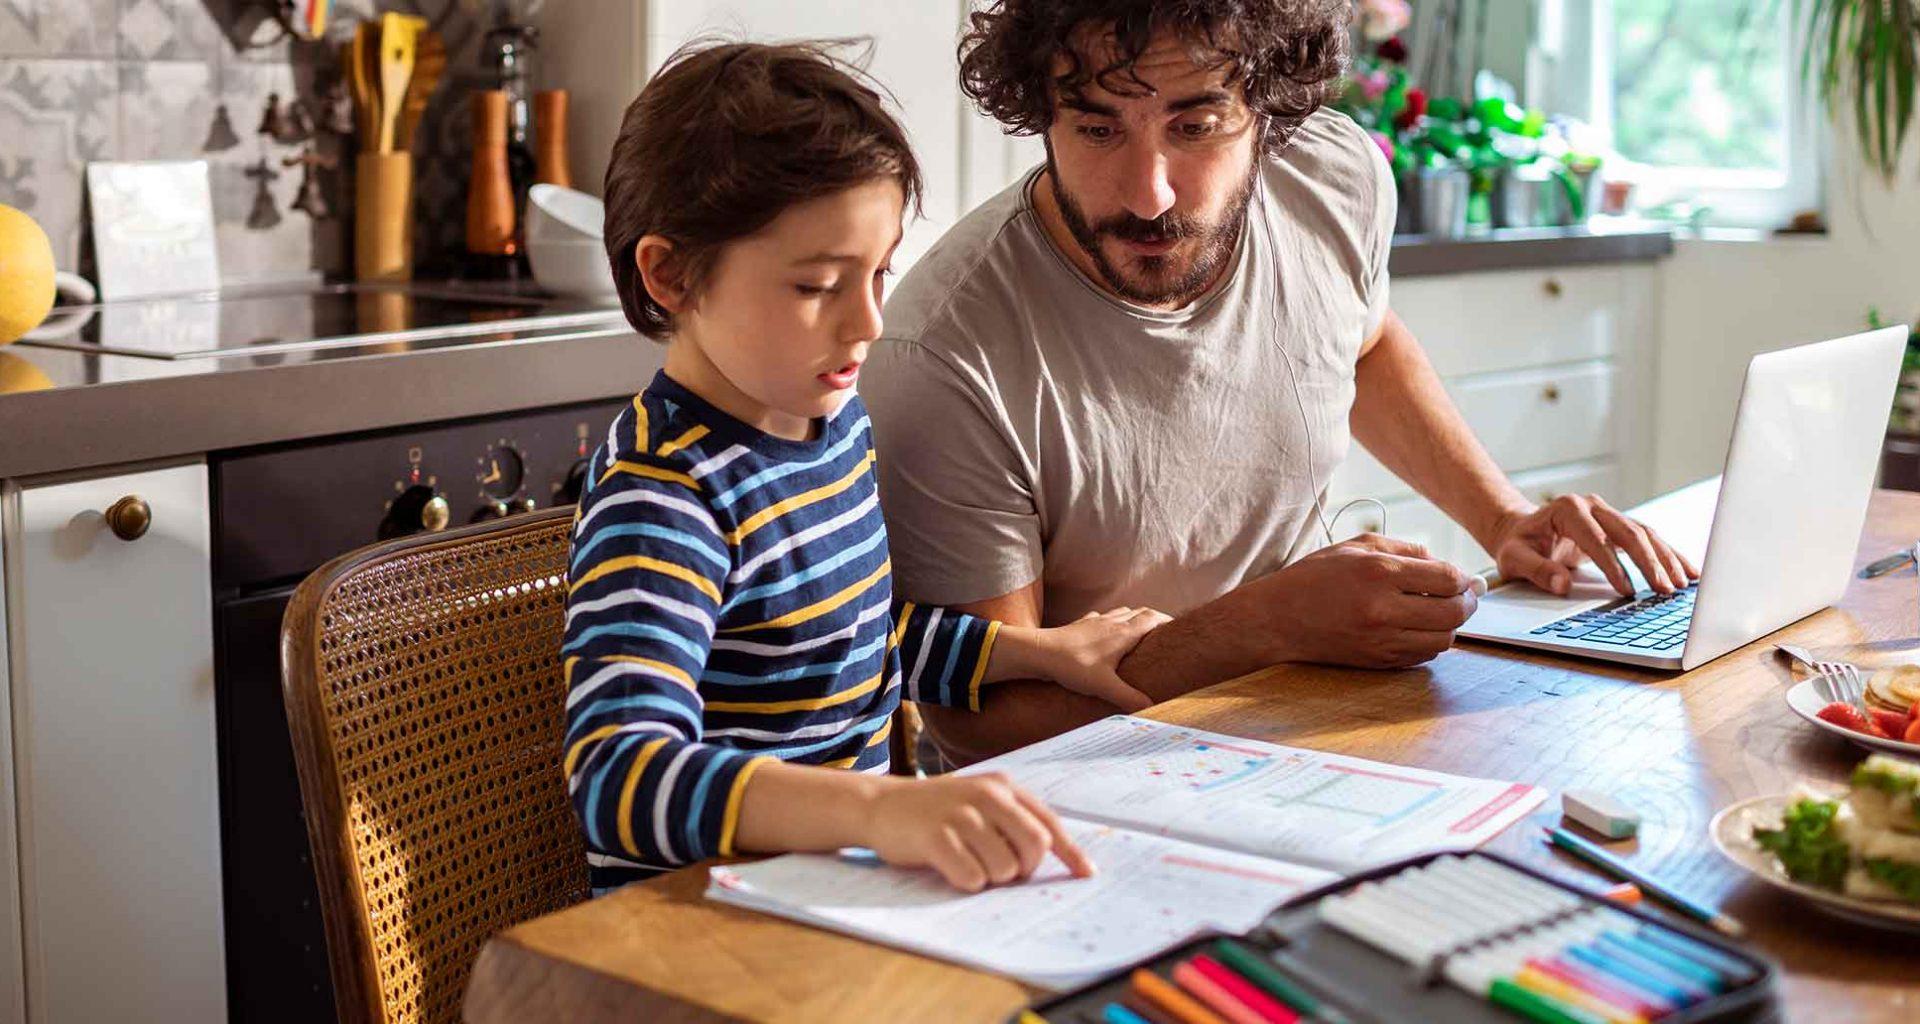 Wechselmodell: Das Beste für mich und mein Kind